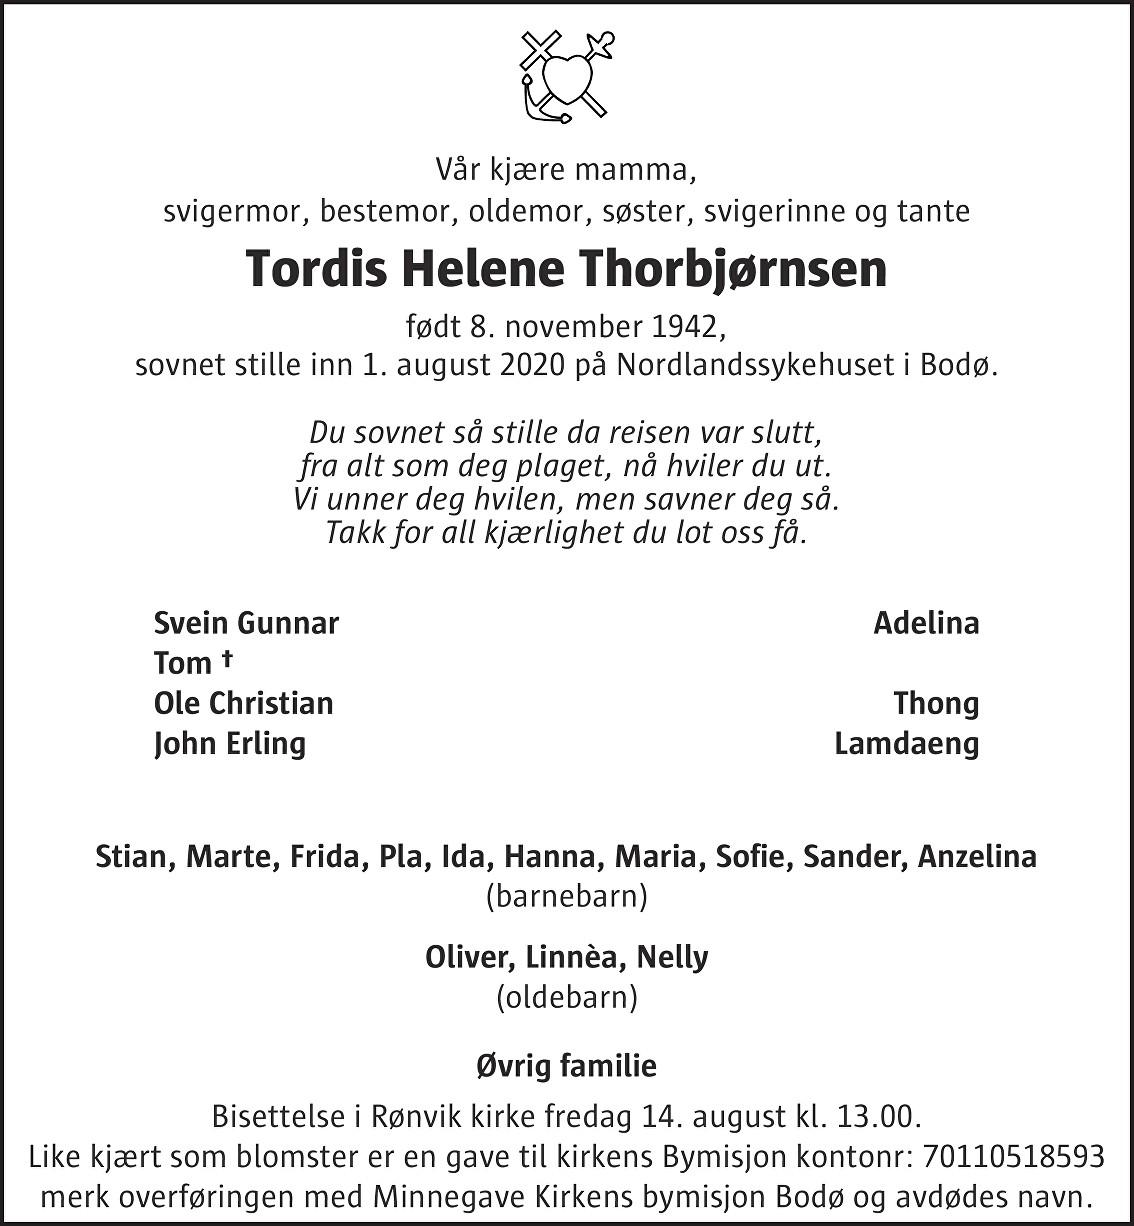 Tordis Helene Thorbjørnsen Dødsannonse